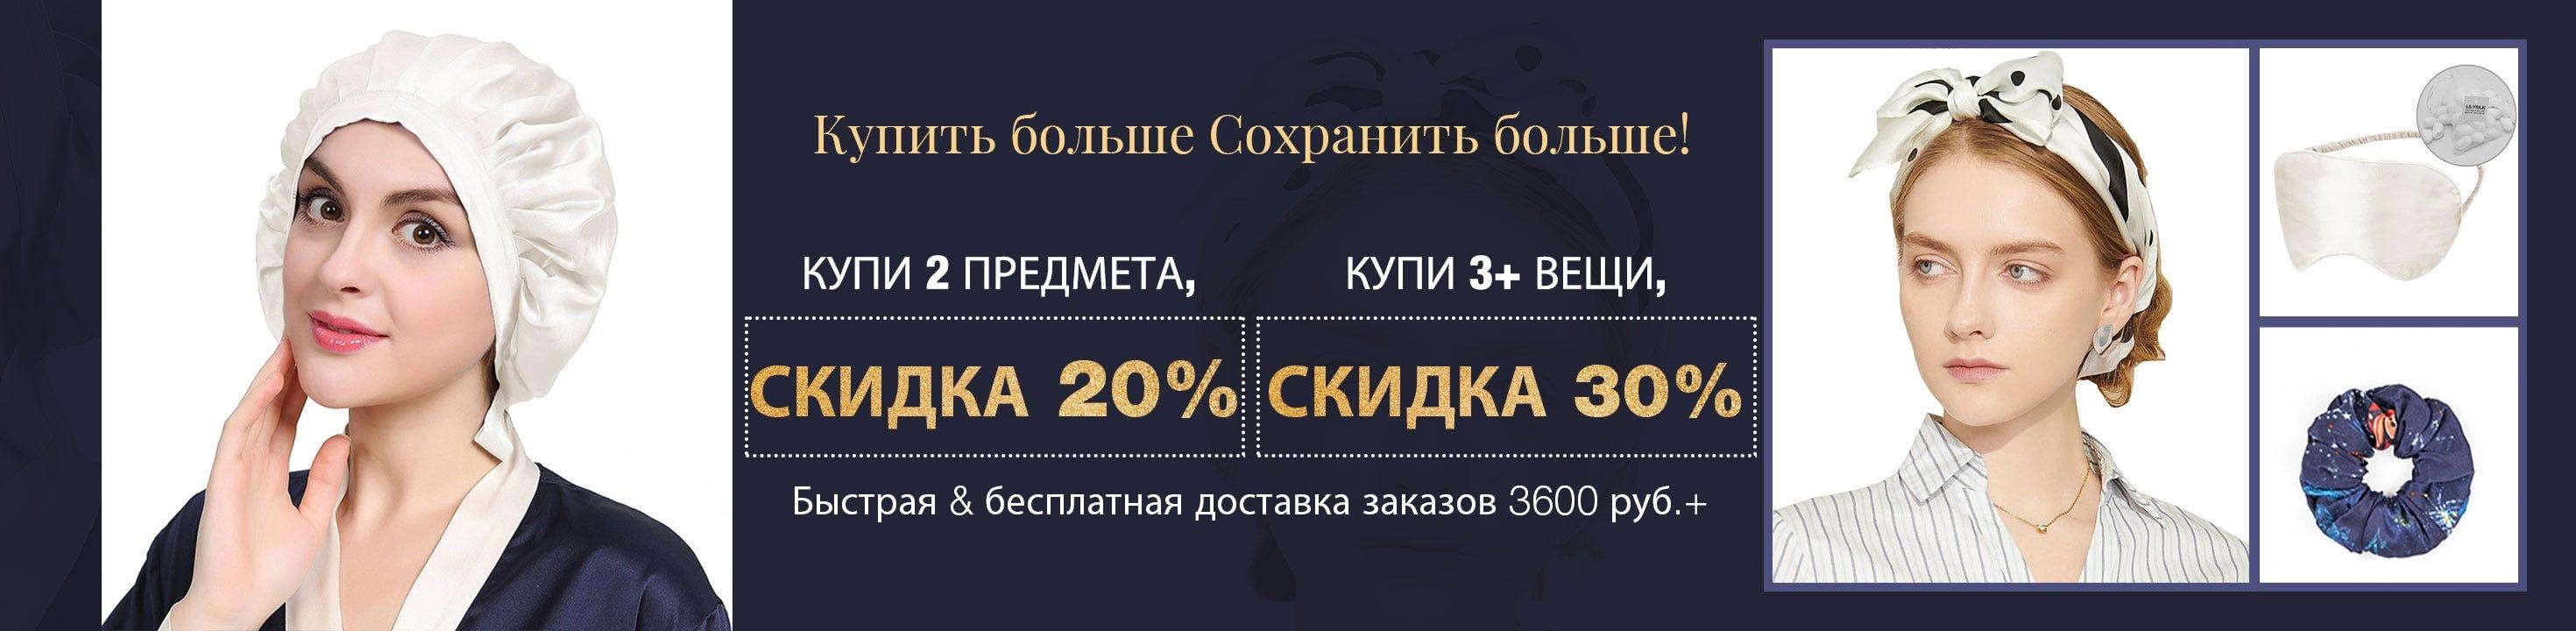 Скидка 30% на товары 3+